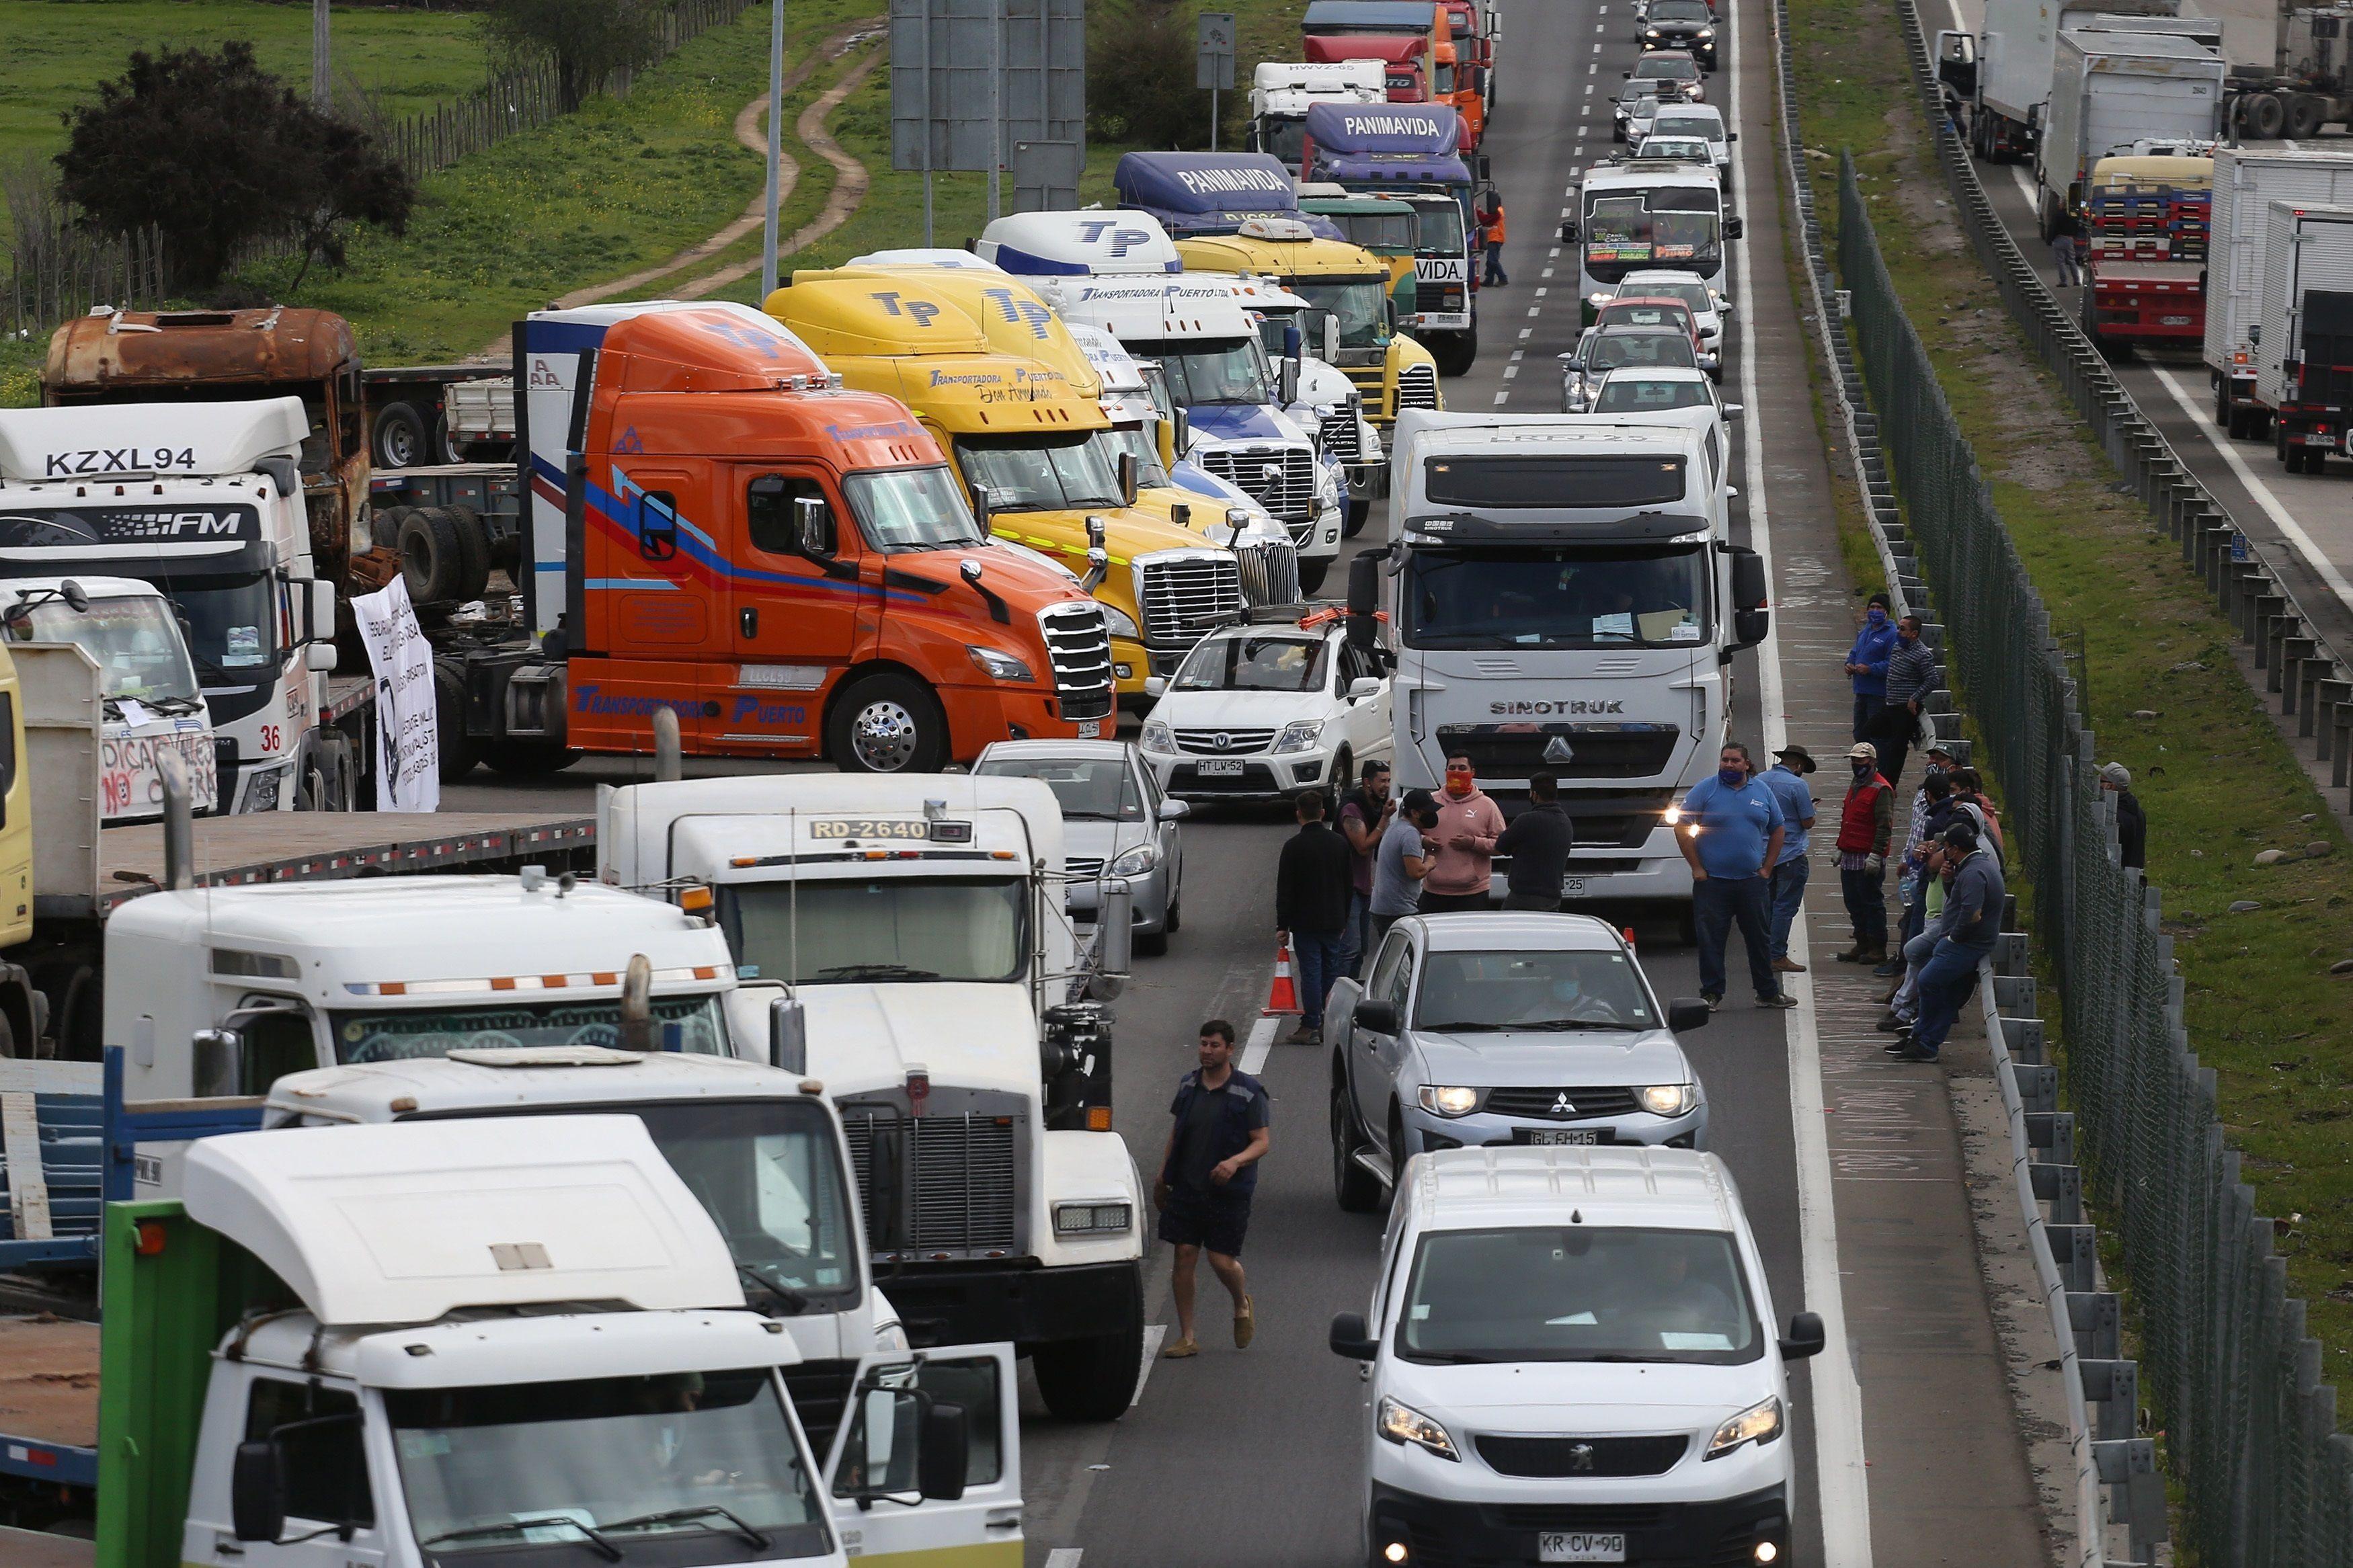 Vista de camiones detenidos hoy en la ruta que une las ciudades de Santiago y Valparaíso (Chile). Cortes de vías se registran desde la madrugada de este jueves a lo largo de todo Chile durante el primer día del paro indefinido convocado por el gremio de camioneros. EFE/Elvis González